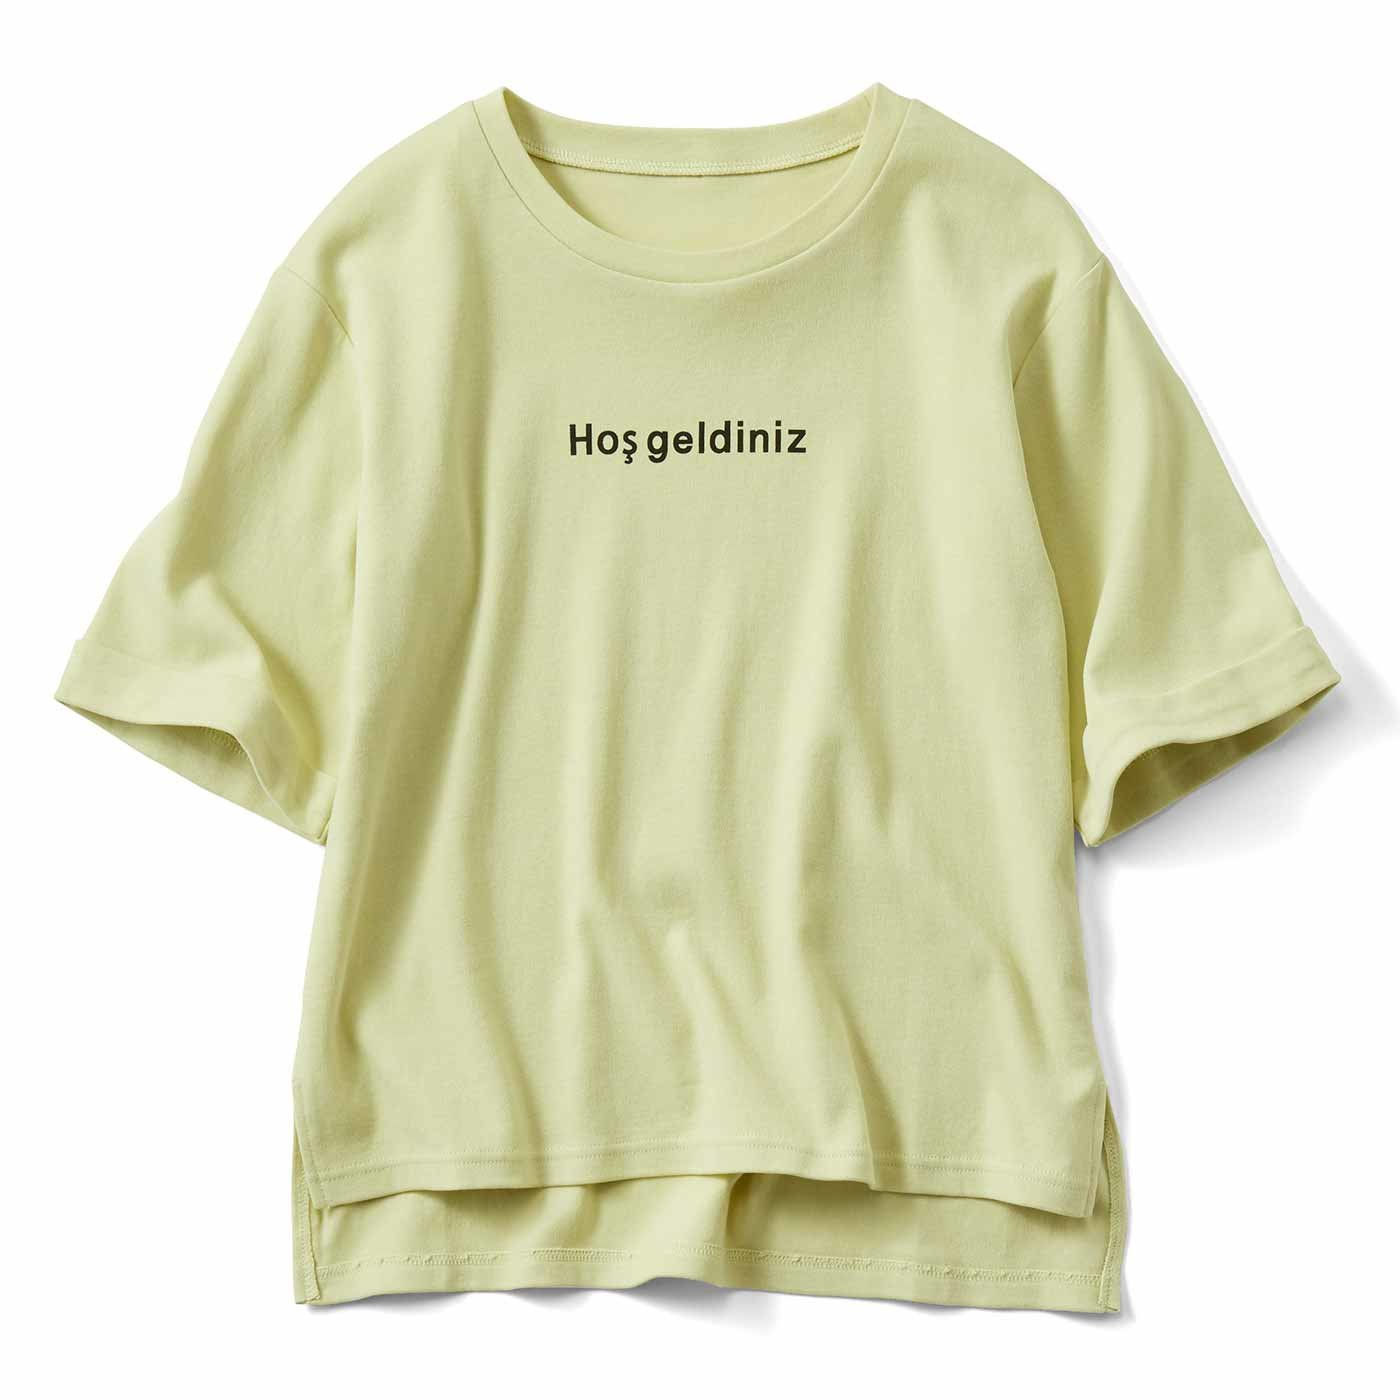 リブ イン コンフォート さらっとした手ざわりがやみつきの五分袖コットンロゴTシャツ〈イエロー〉